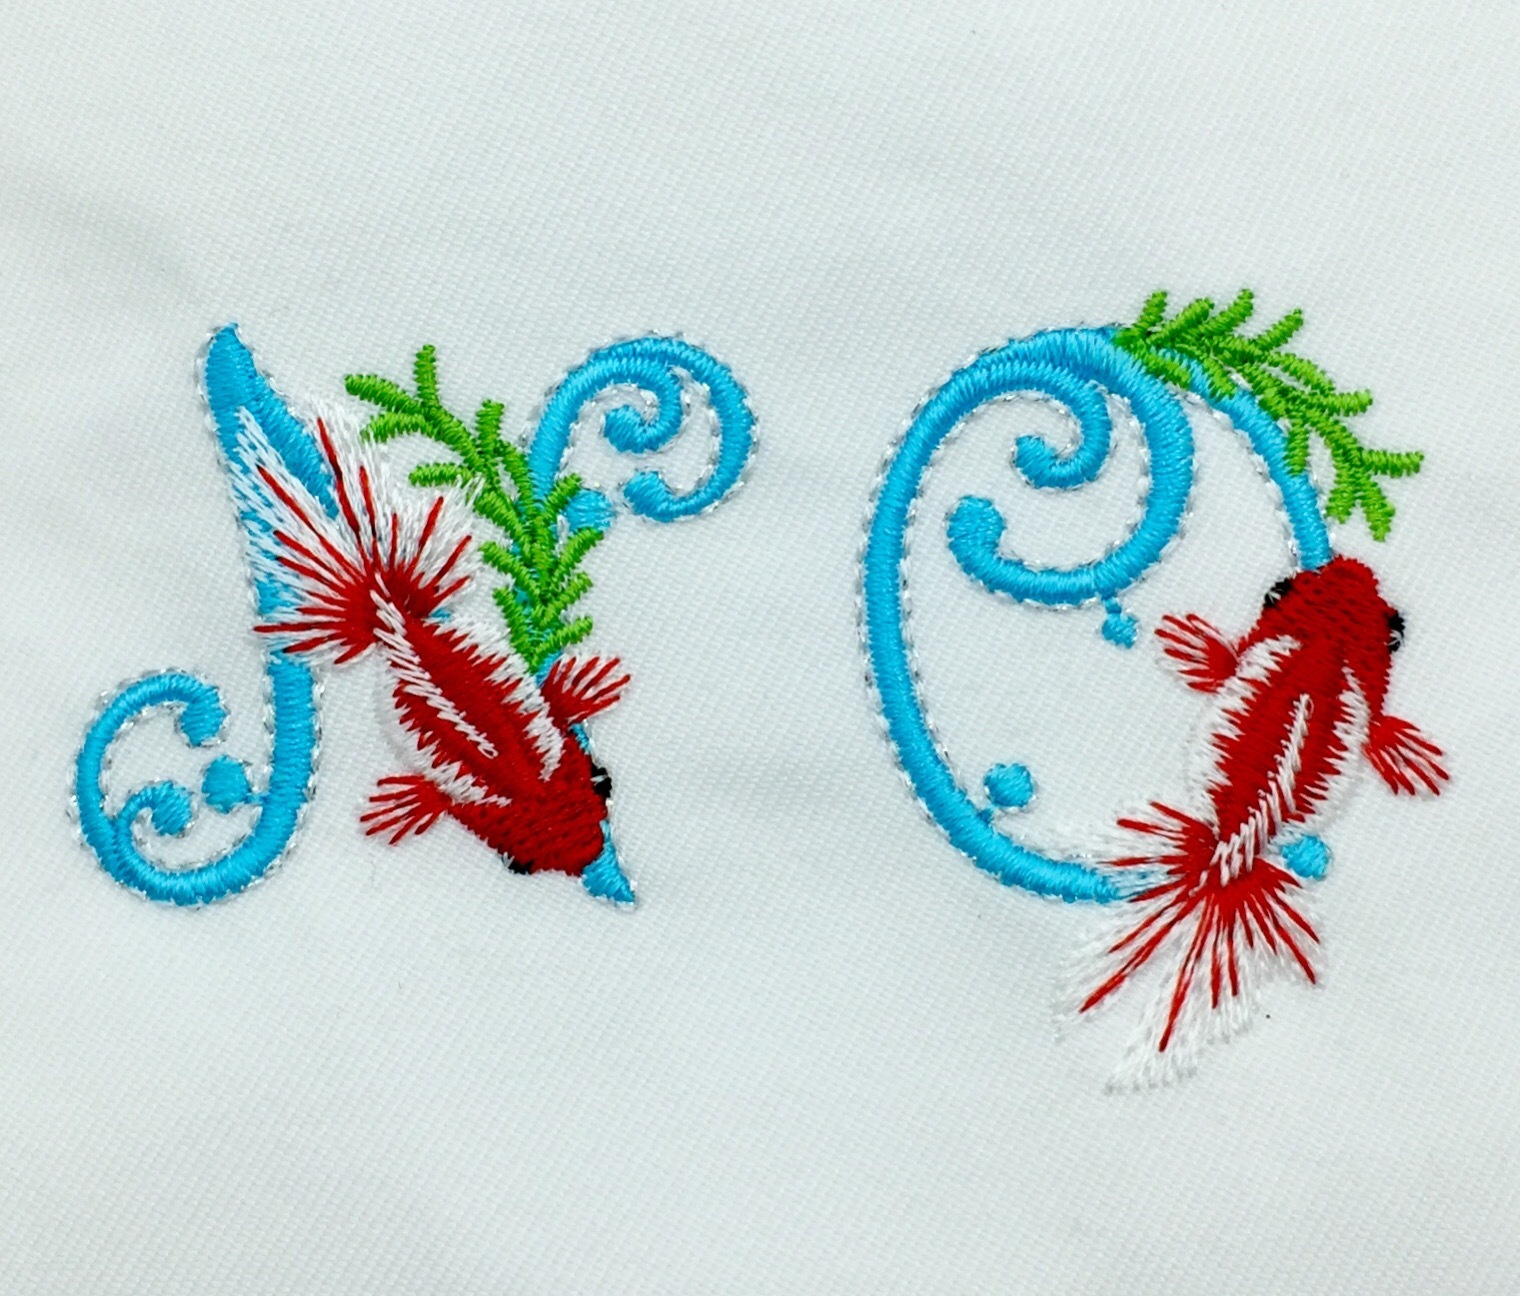 金魚のイニシャル刺繍ϵ( \'Θ\' )϶_e0385587_23341518.jpeg